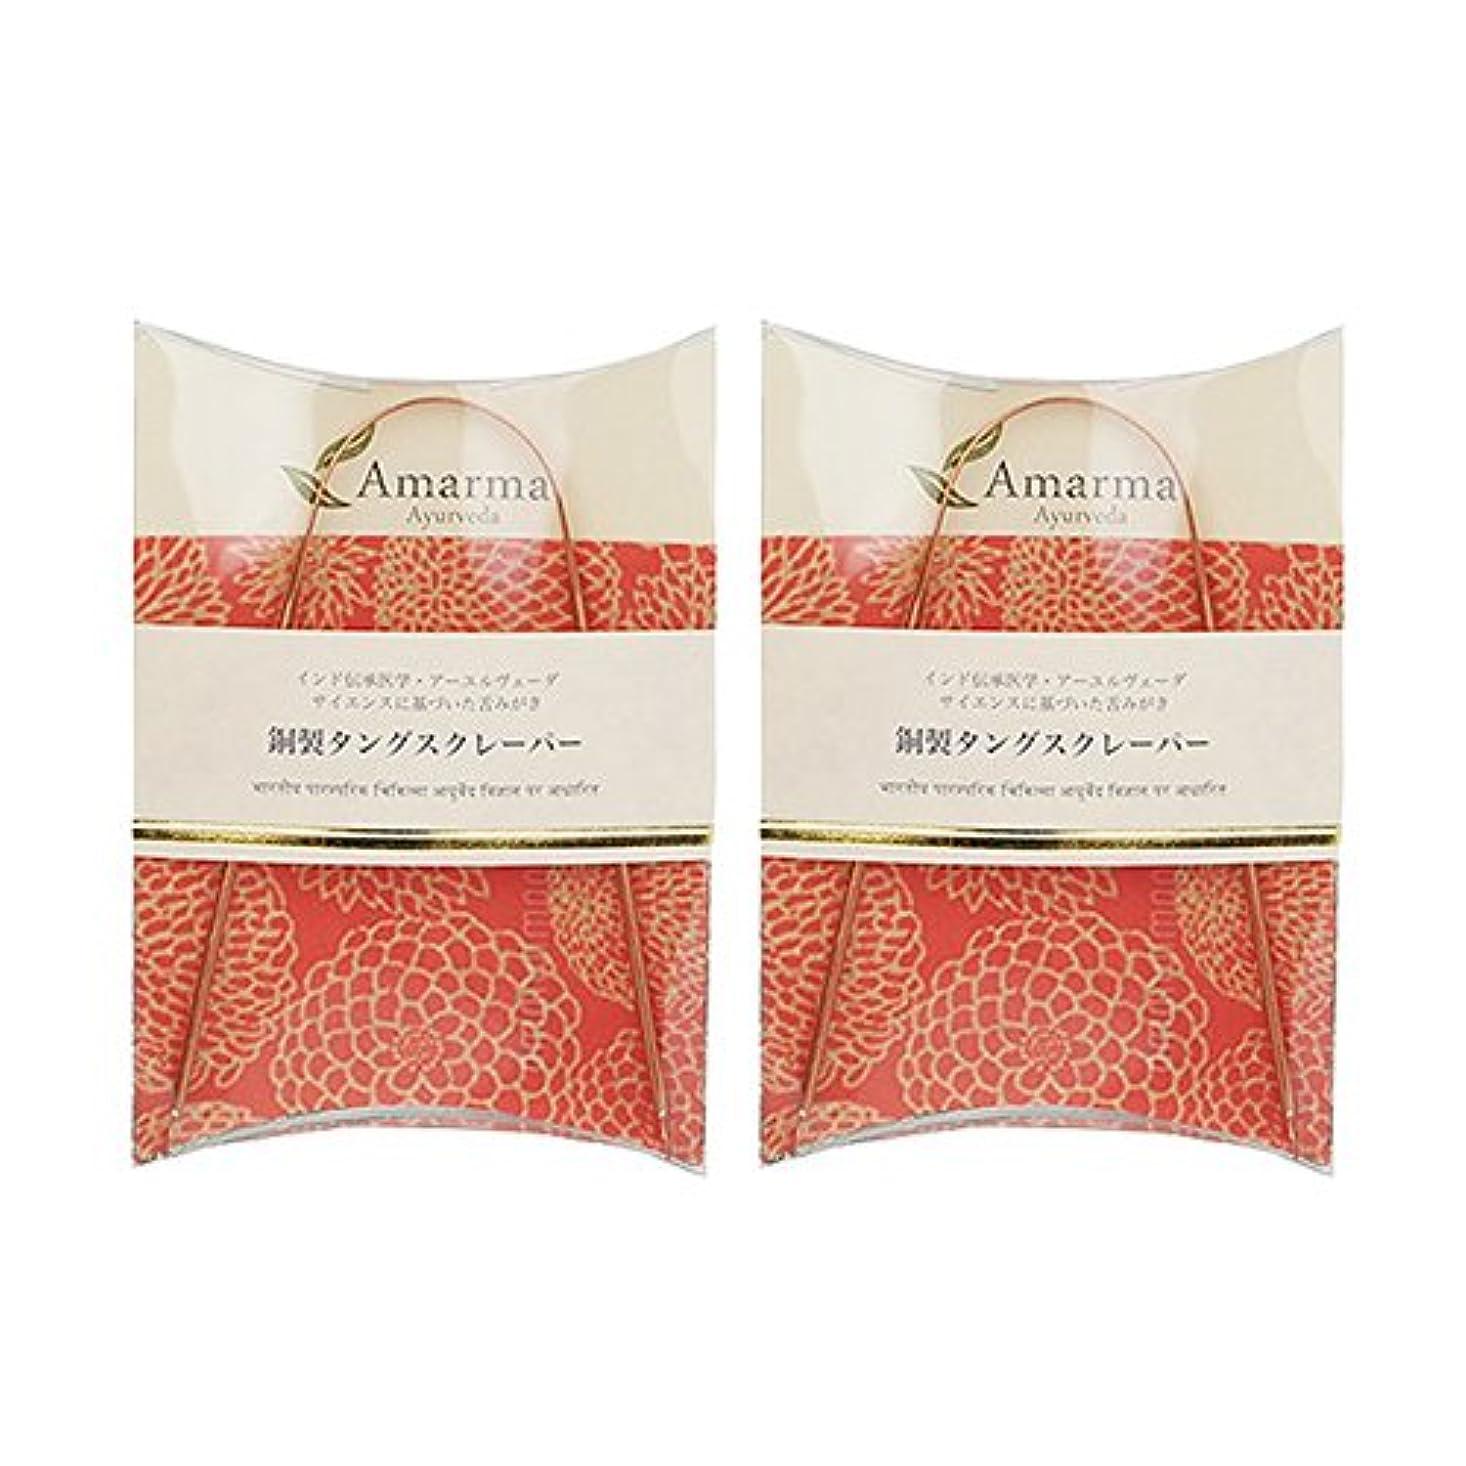 咲くラダ下品銅製タングスクレーパー(舌みがき)日本製 【2個セット】